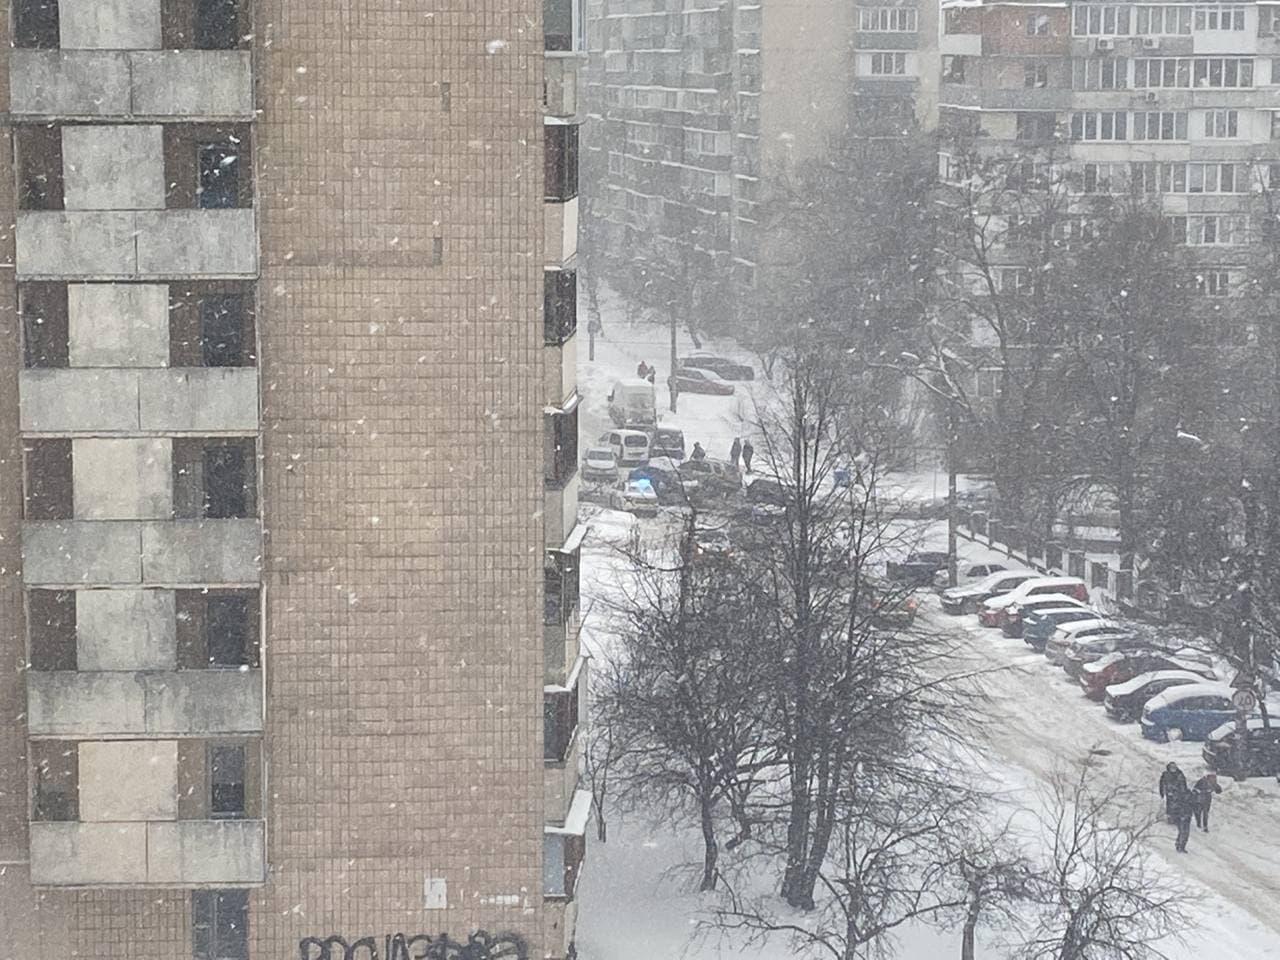 У Києві великий шматок дороги провалився під землю, заблокувавши рух (відео) - фото 2